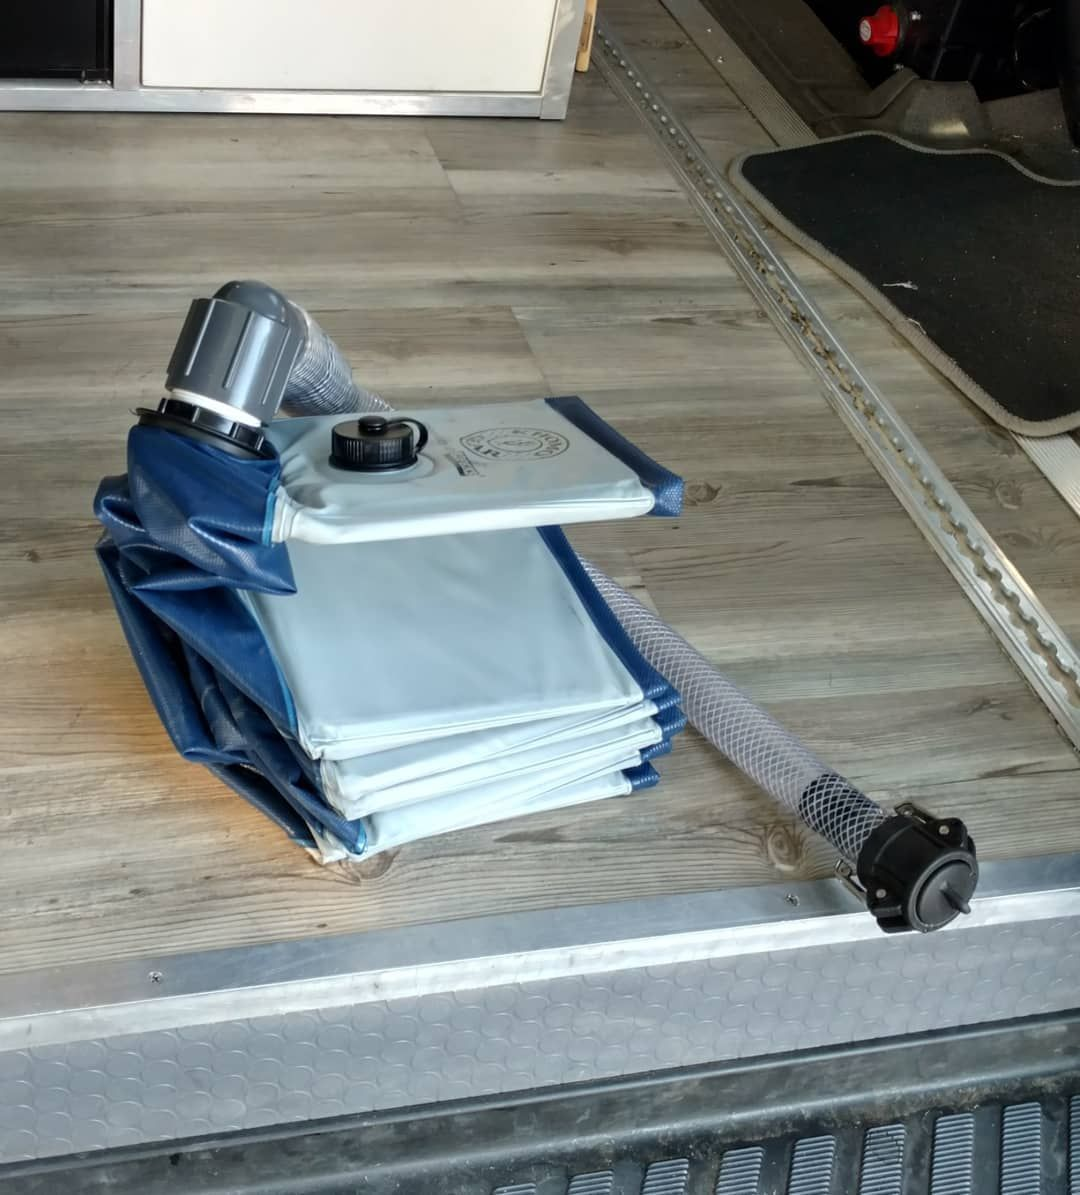 Diy portable indoor van shower collapsible space